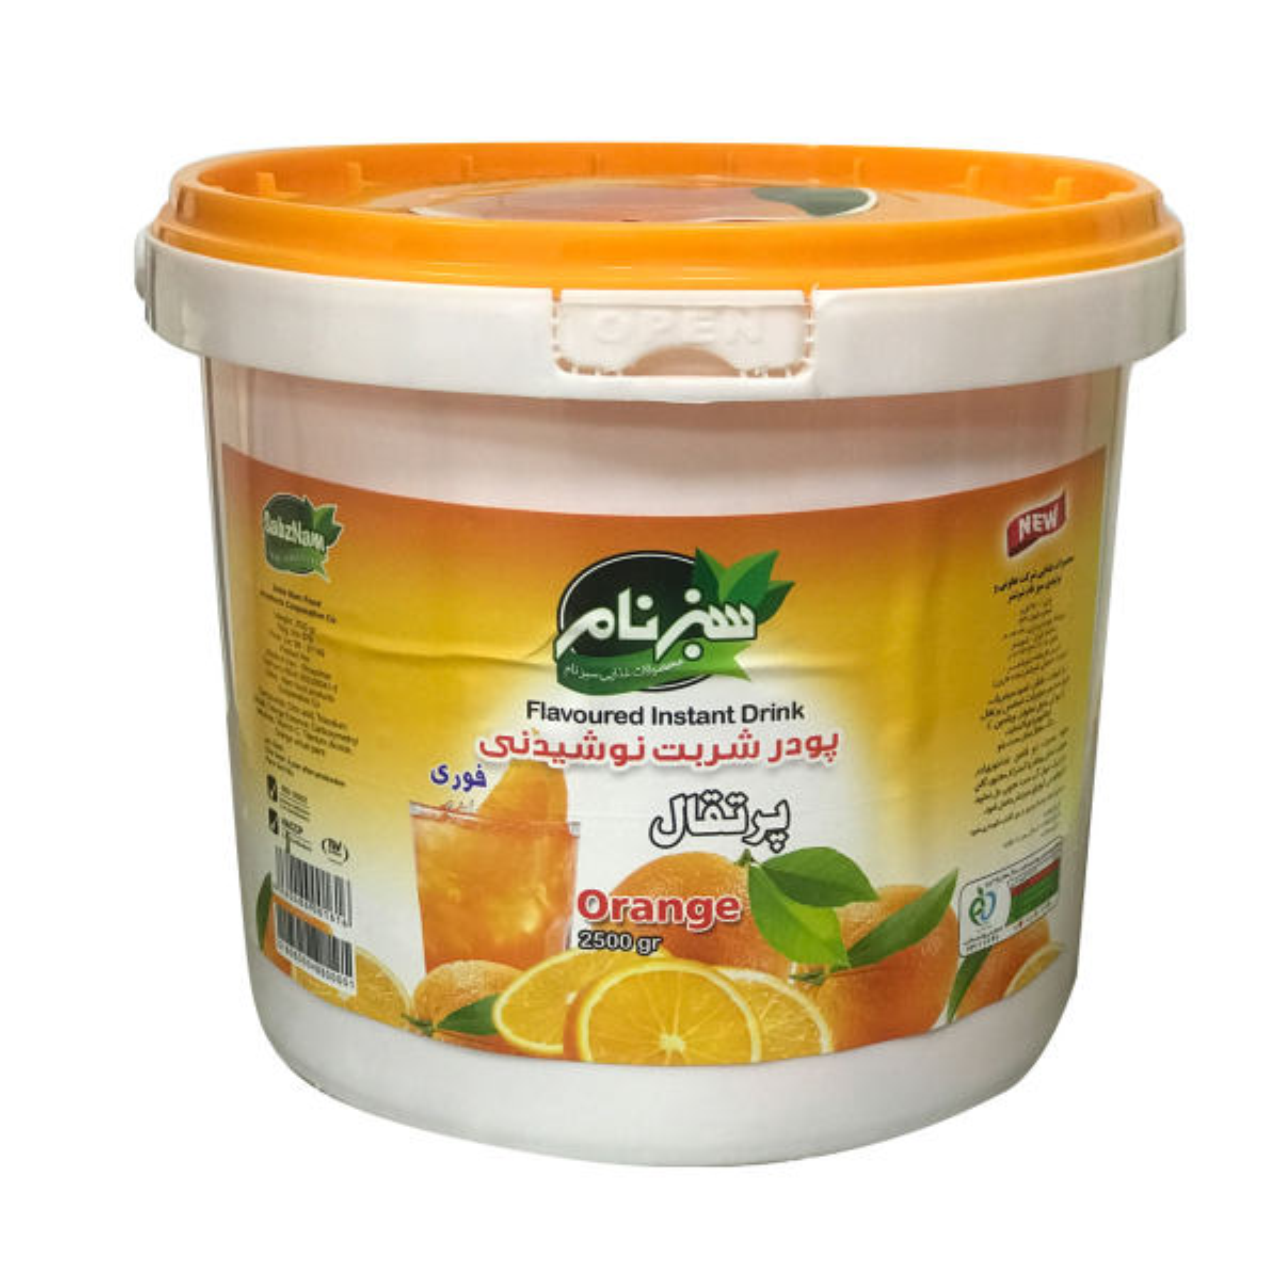 پودر نوشیدنی فوری با طعم پرتقال سبزنام - 2500گرم